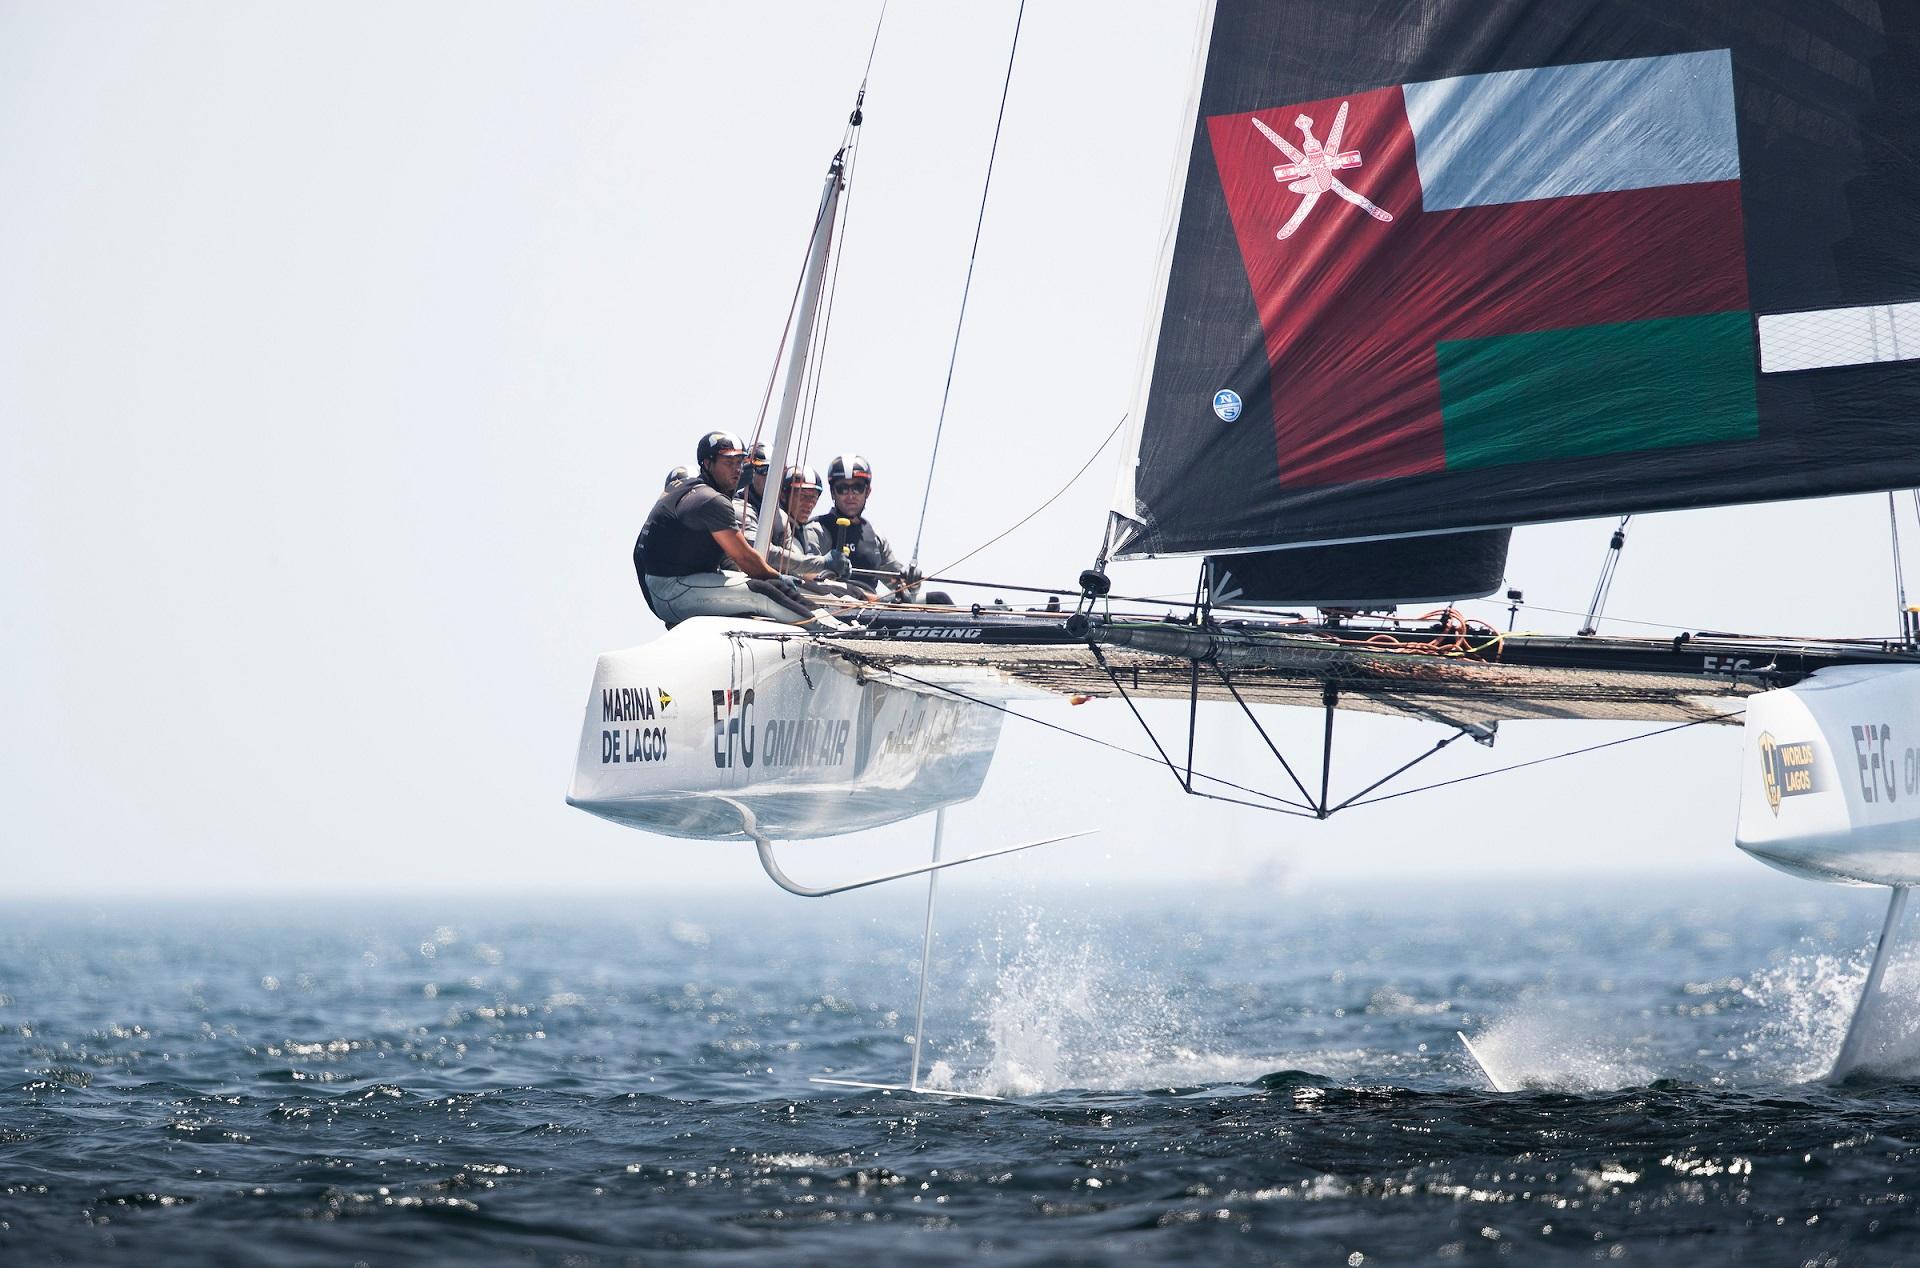 Team Oman Air aim to repeat early season success at upcoming Palma contest